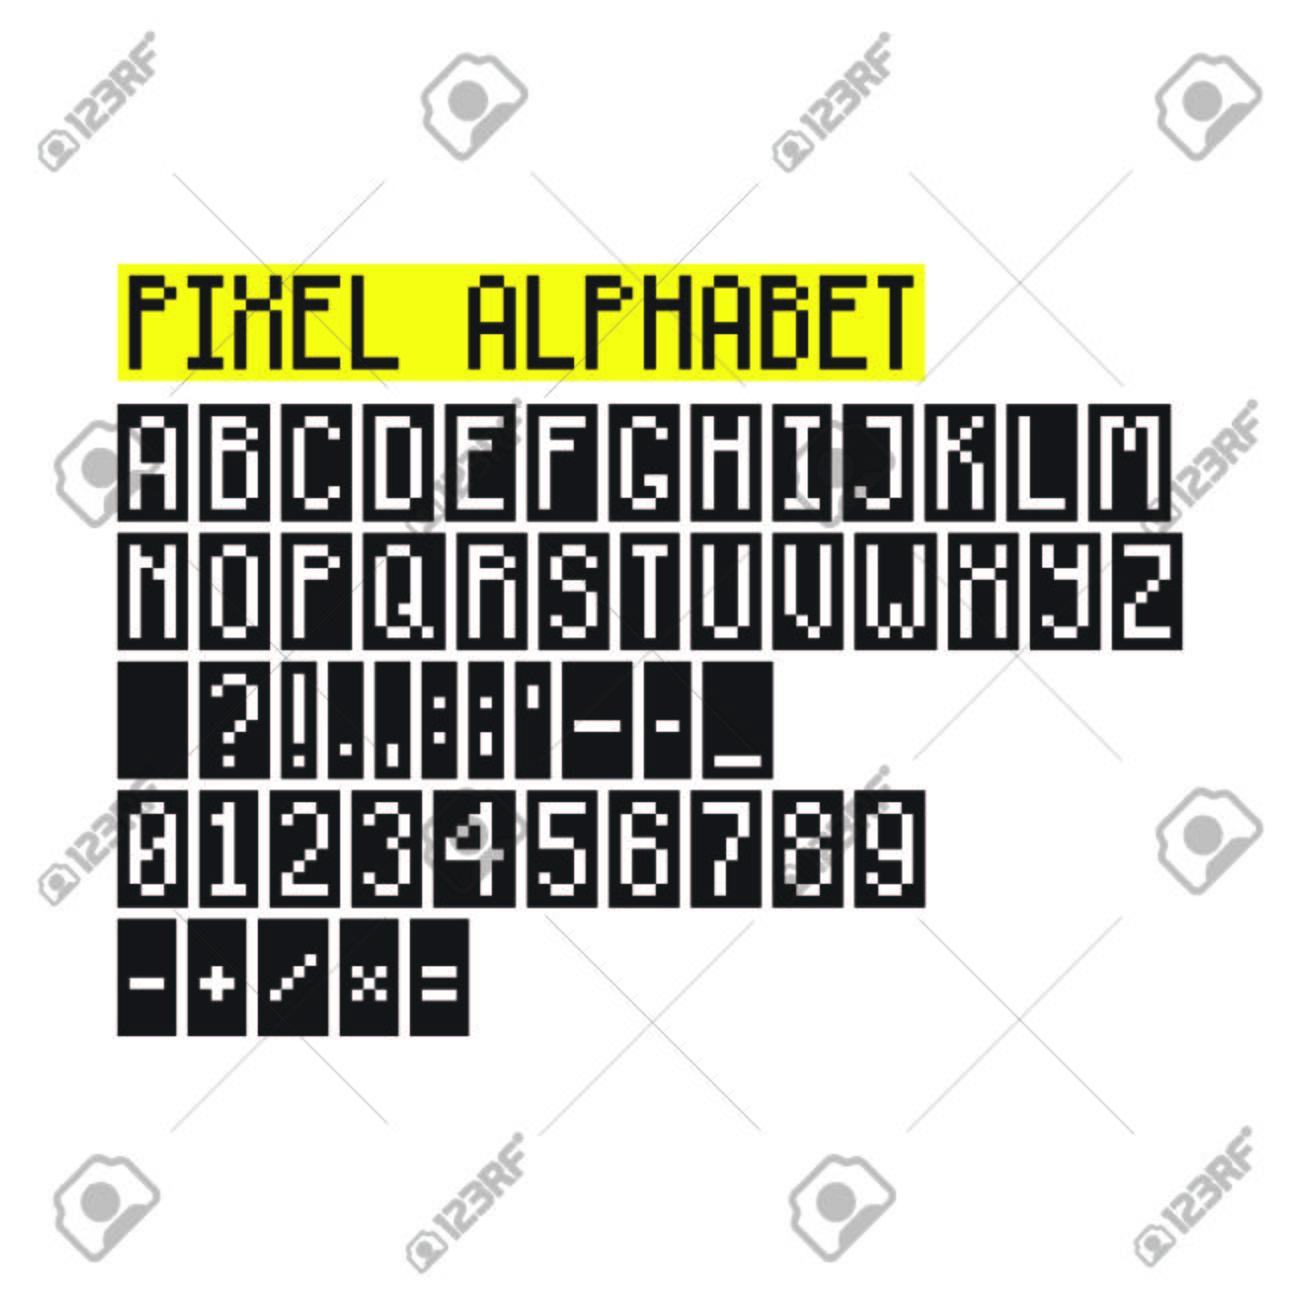 Pixel Art Alphabet Avec Des Lettres Des Chiffres Des Signes De Ponctuation Et Des Symboles Mathématiques